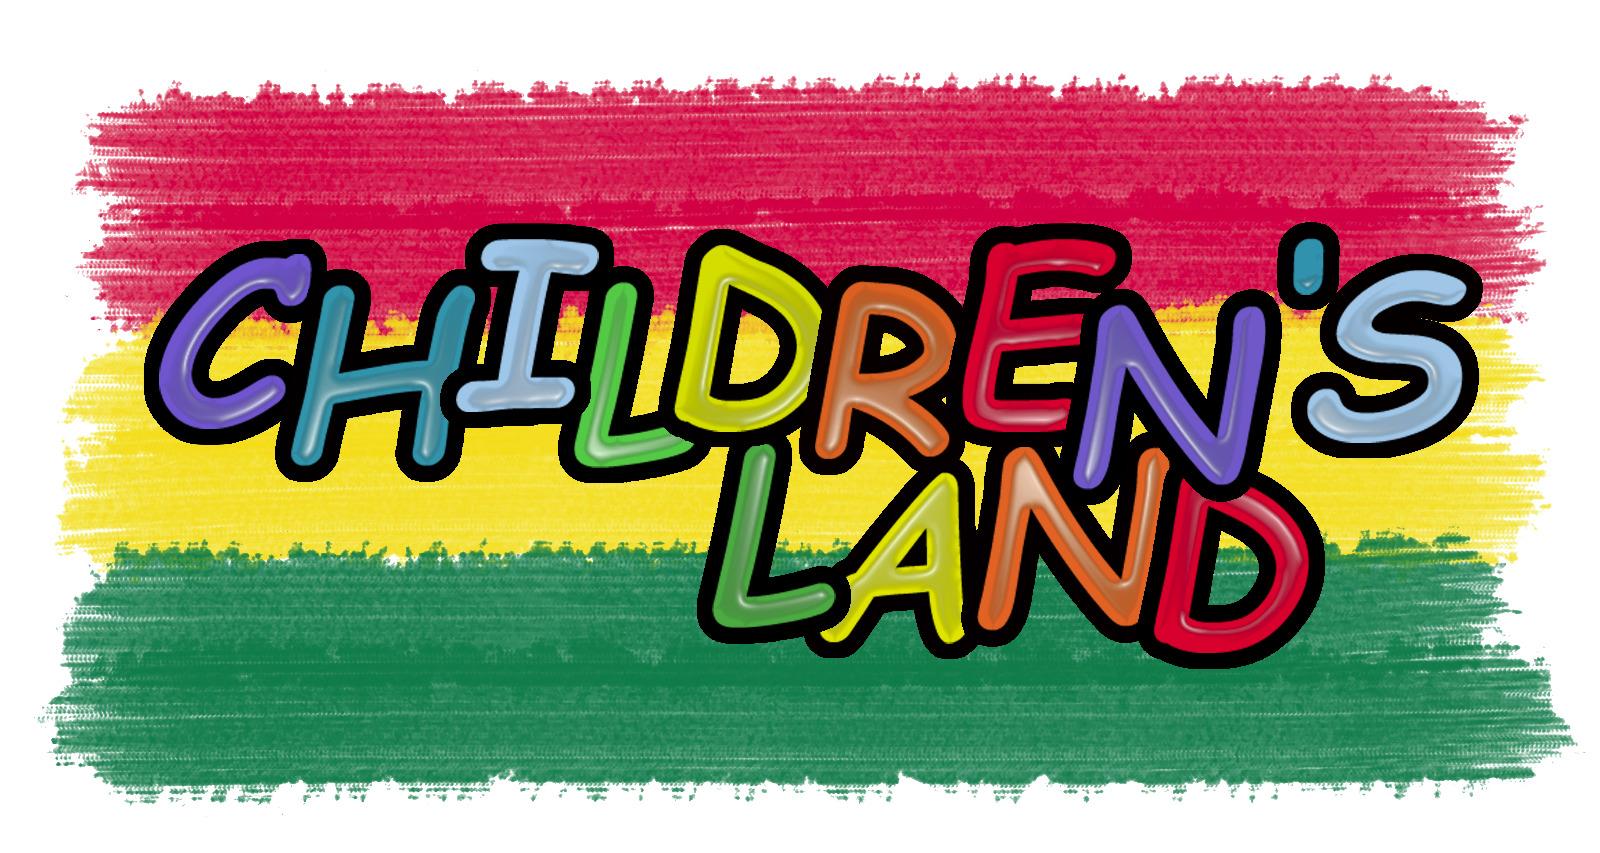 Children's Land